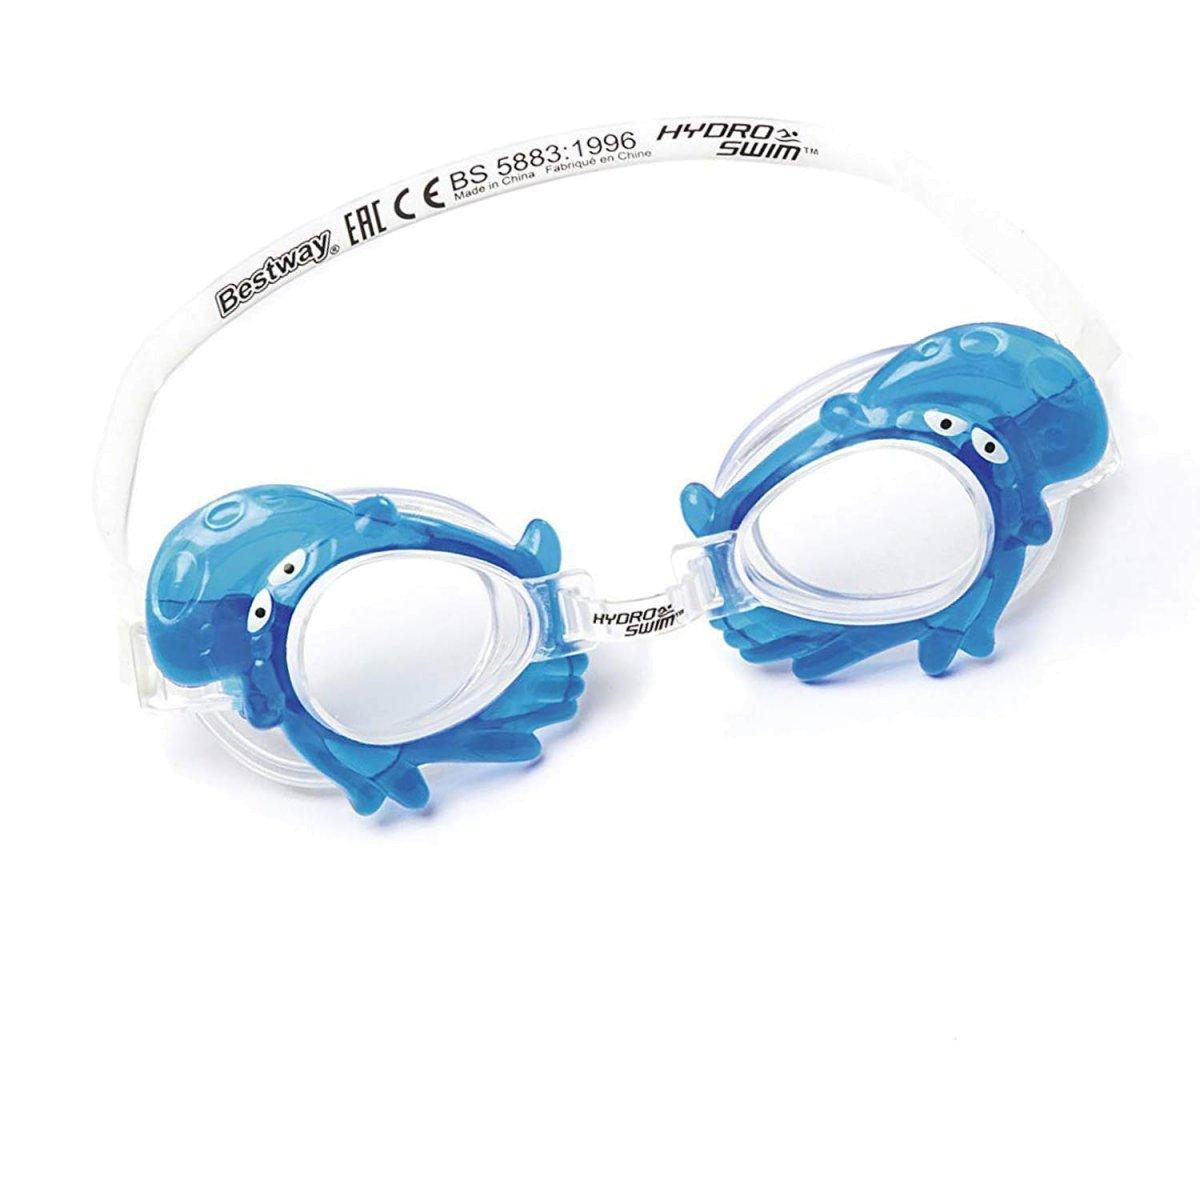 Детские очки для плавания Bestway 21047, размер S, (3+), обхват головы ≈ 50 см, голубые